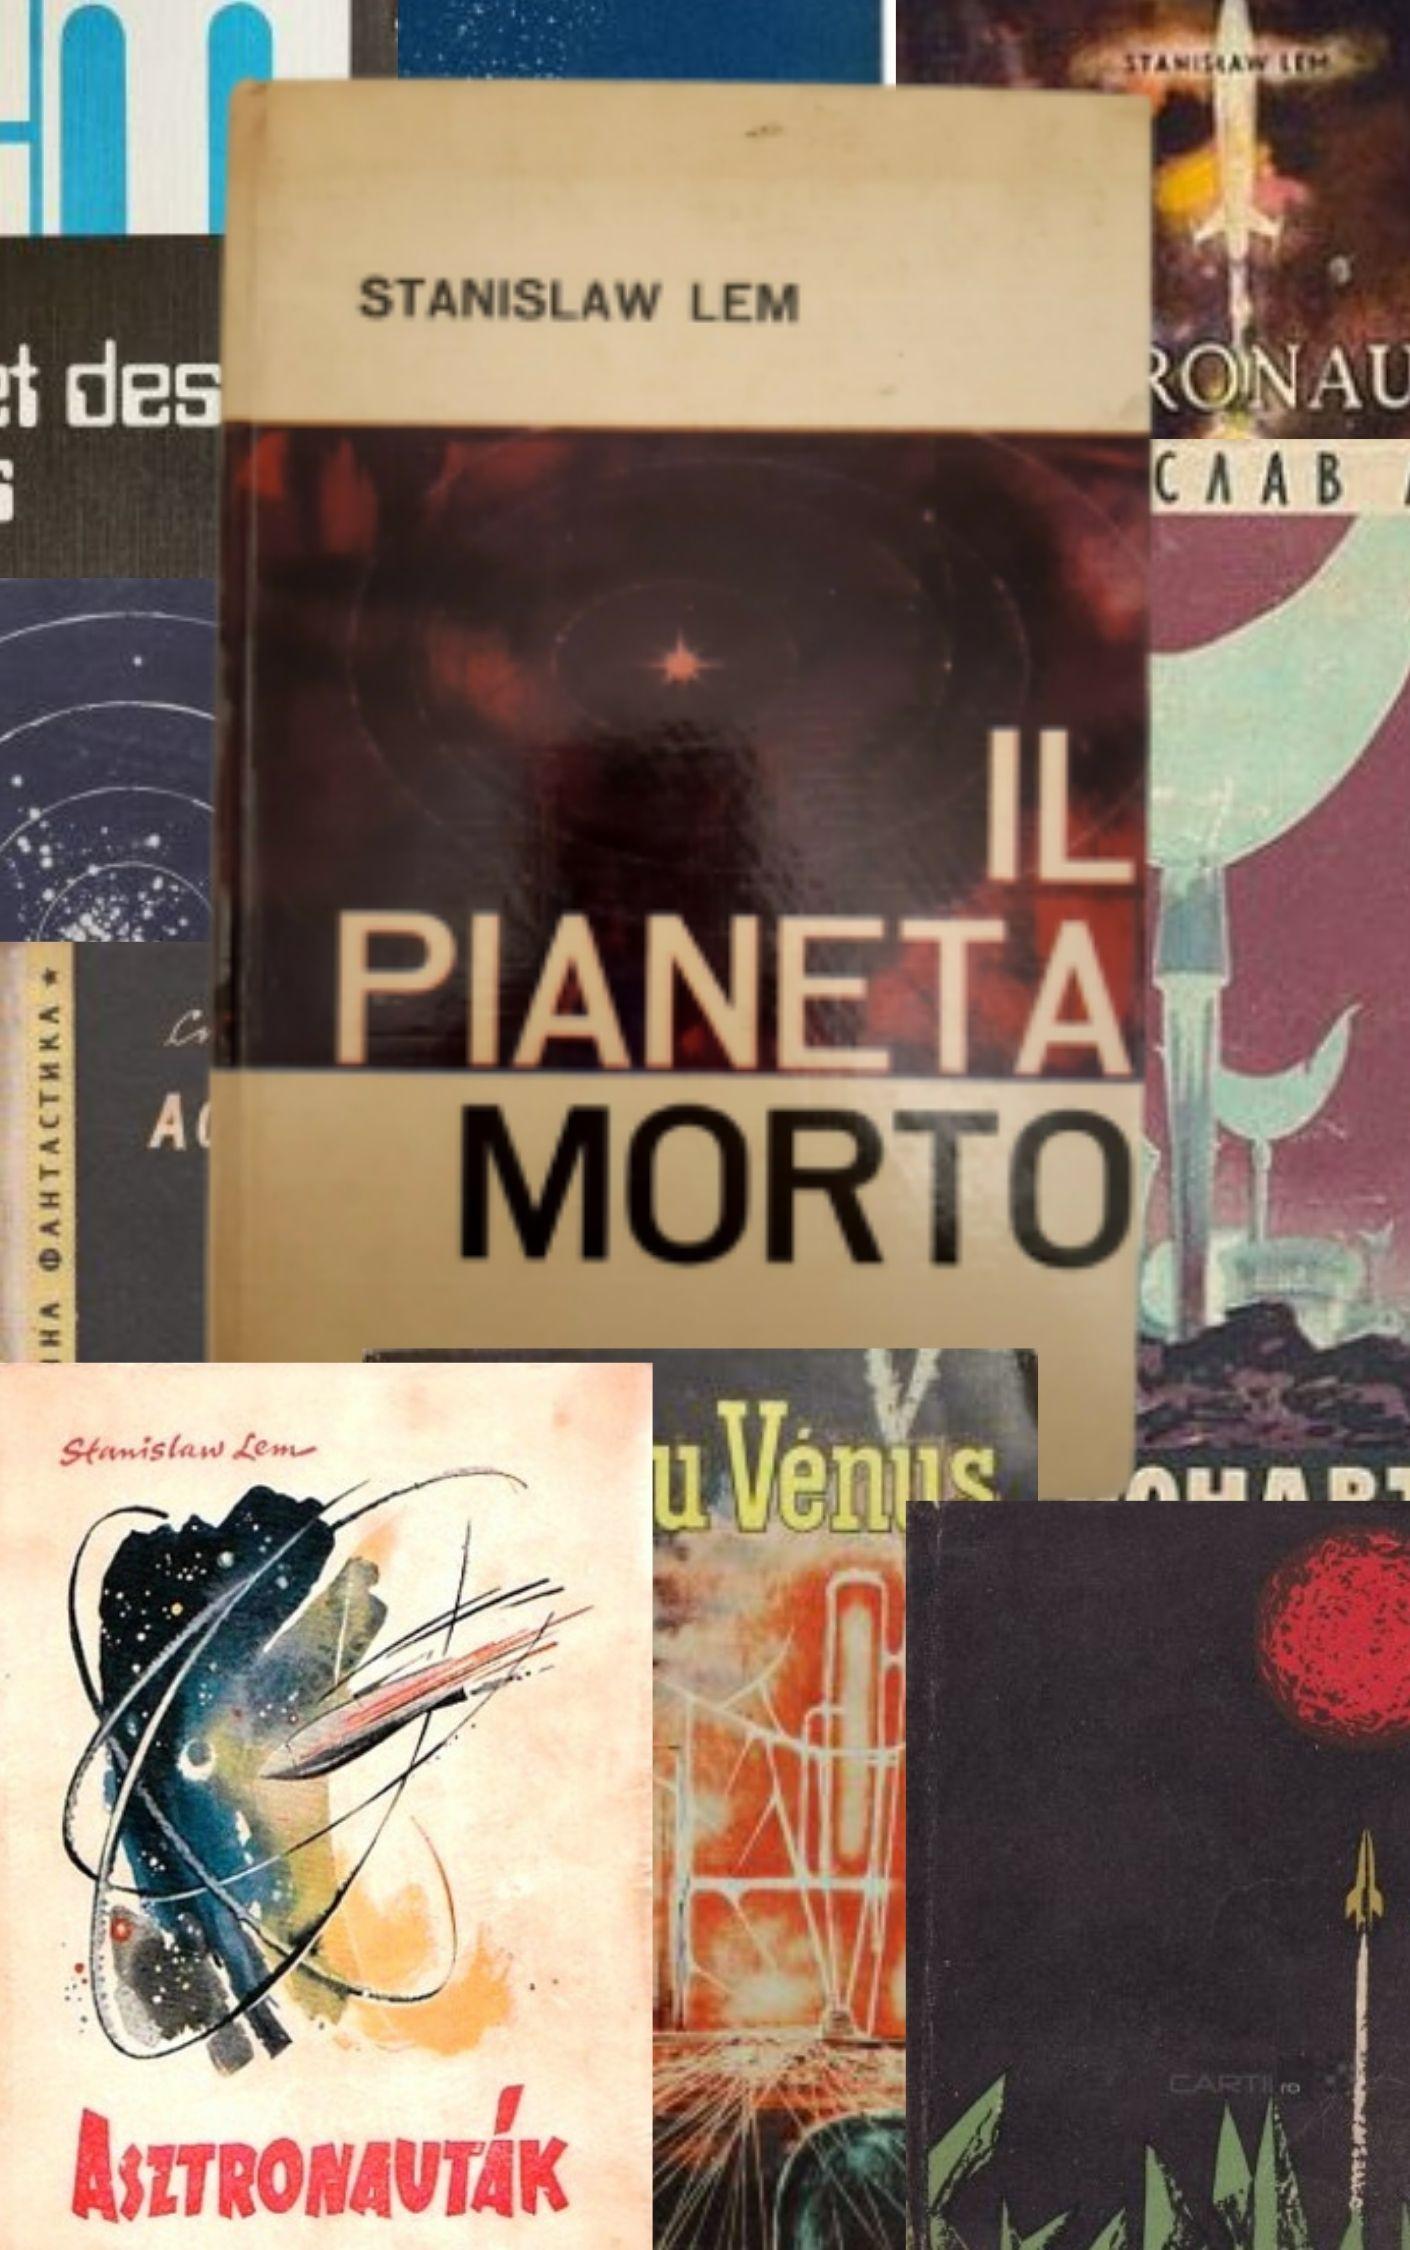 """""""Il pianeta morto"""" di Stanislaw Lem: un'opera fondamentale, ma senza ristampe da oltre mezzo secolo"""